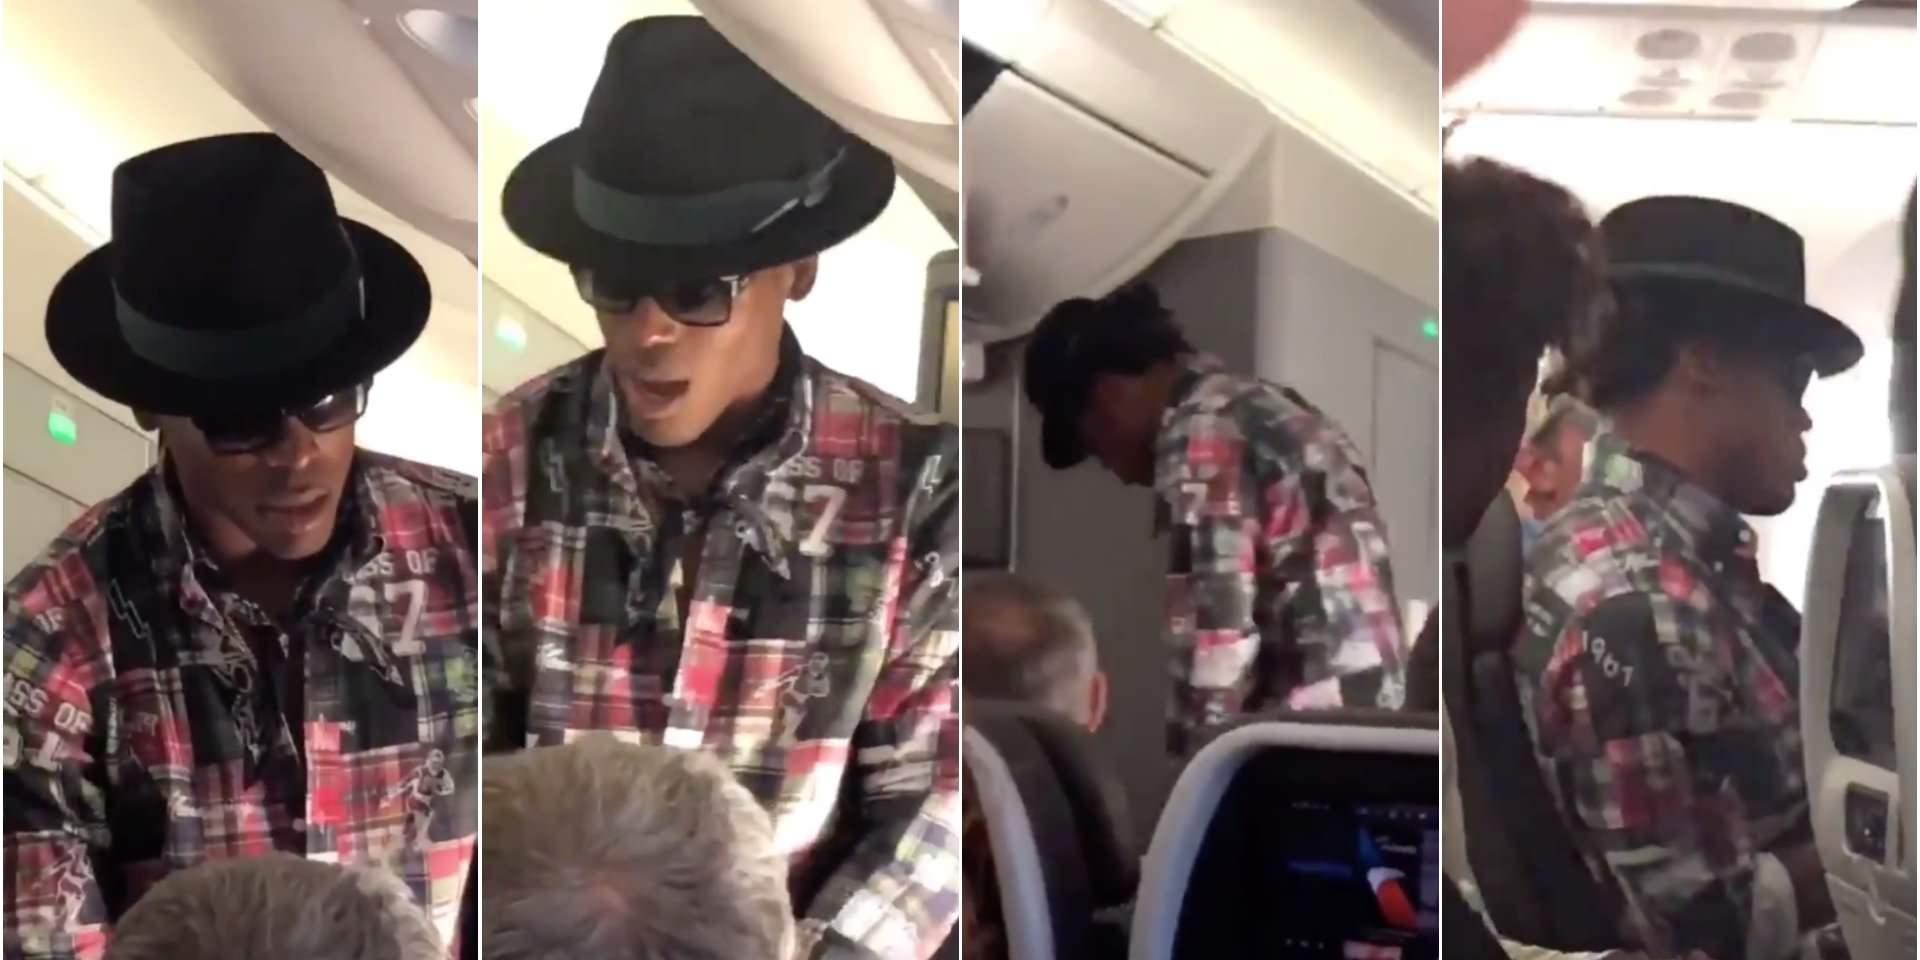 A estrela da NFL Cam Newton teria tentado pagar a um passageiro US $ 1.500 para trocar de lugar com ele em um voo, mas foi recusado